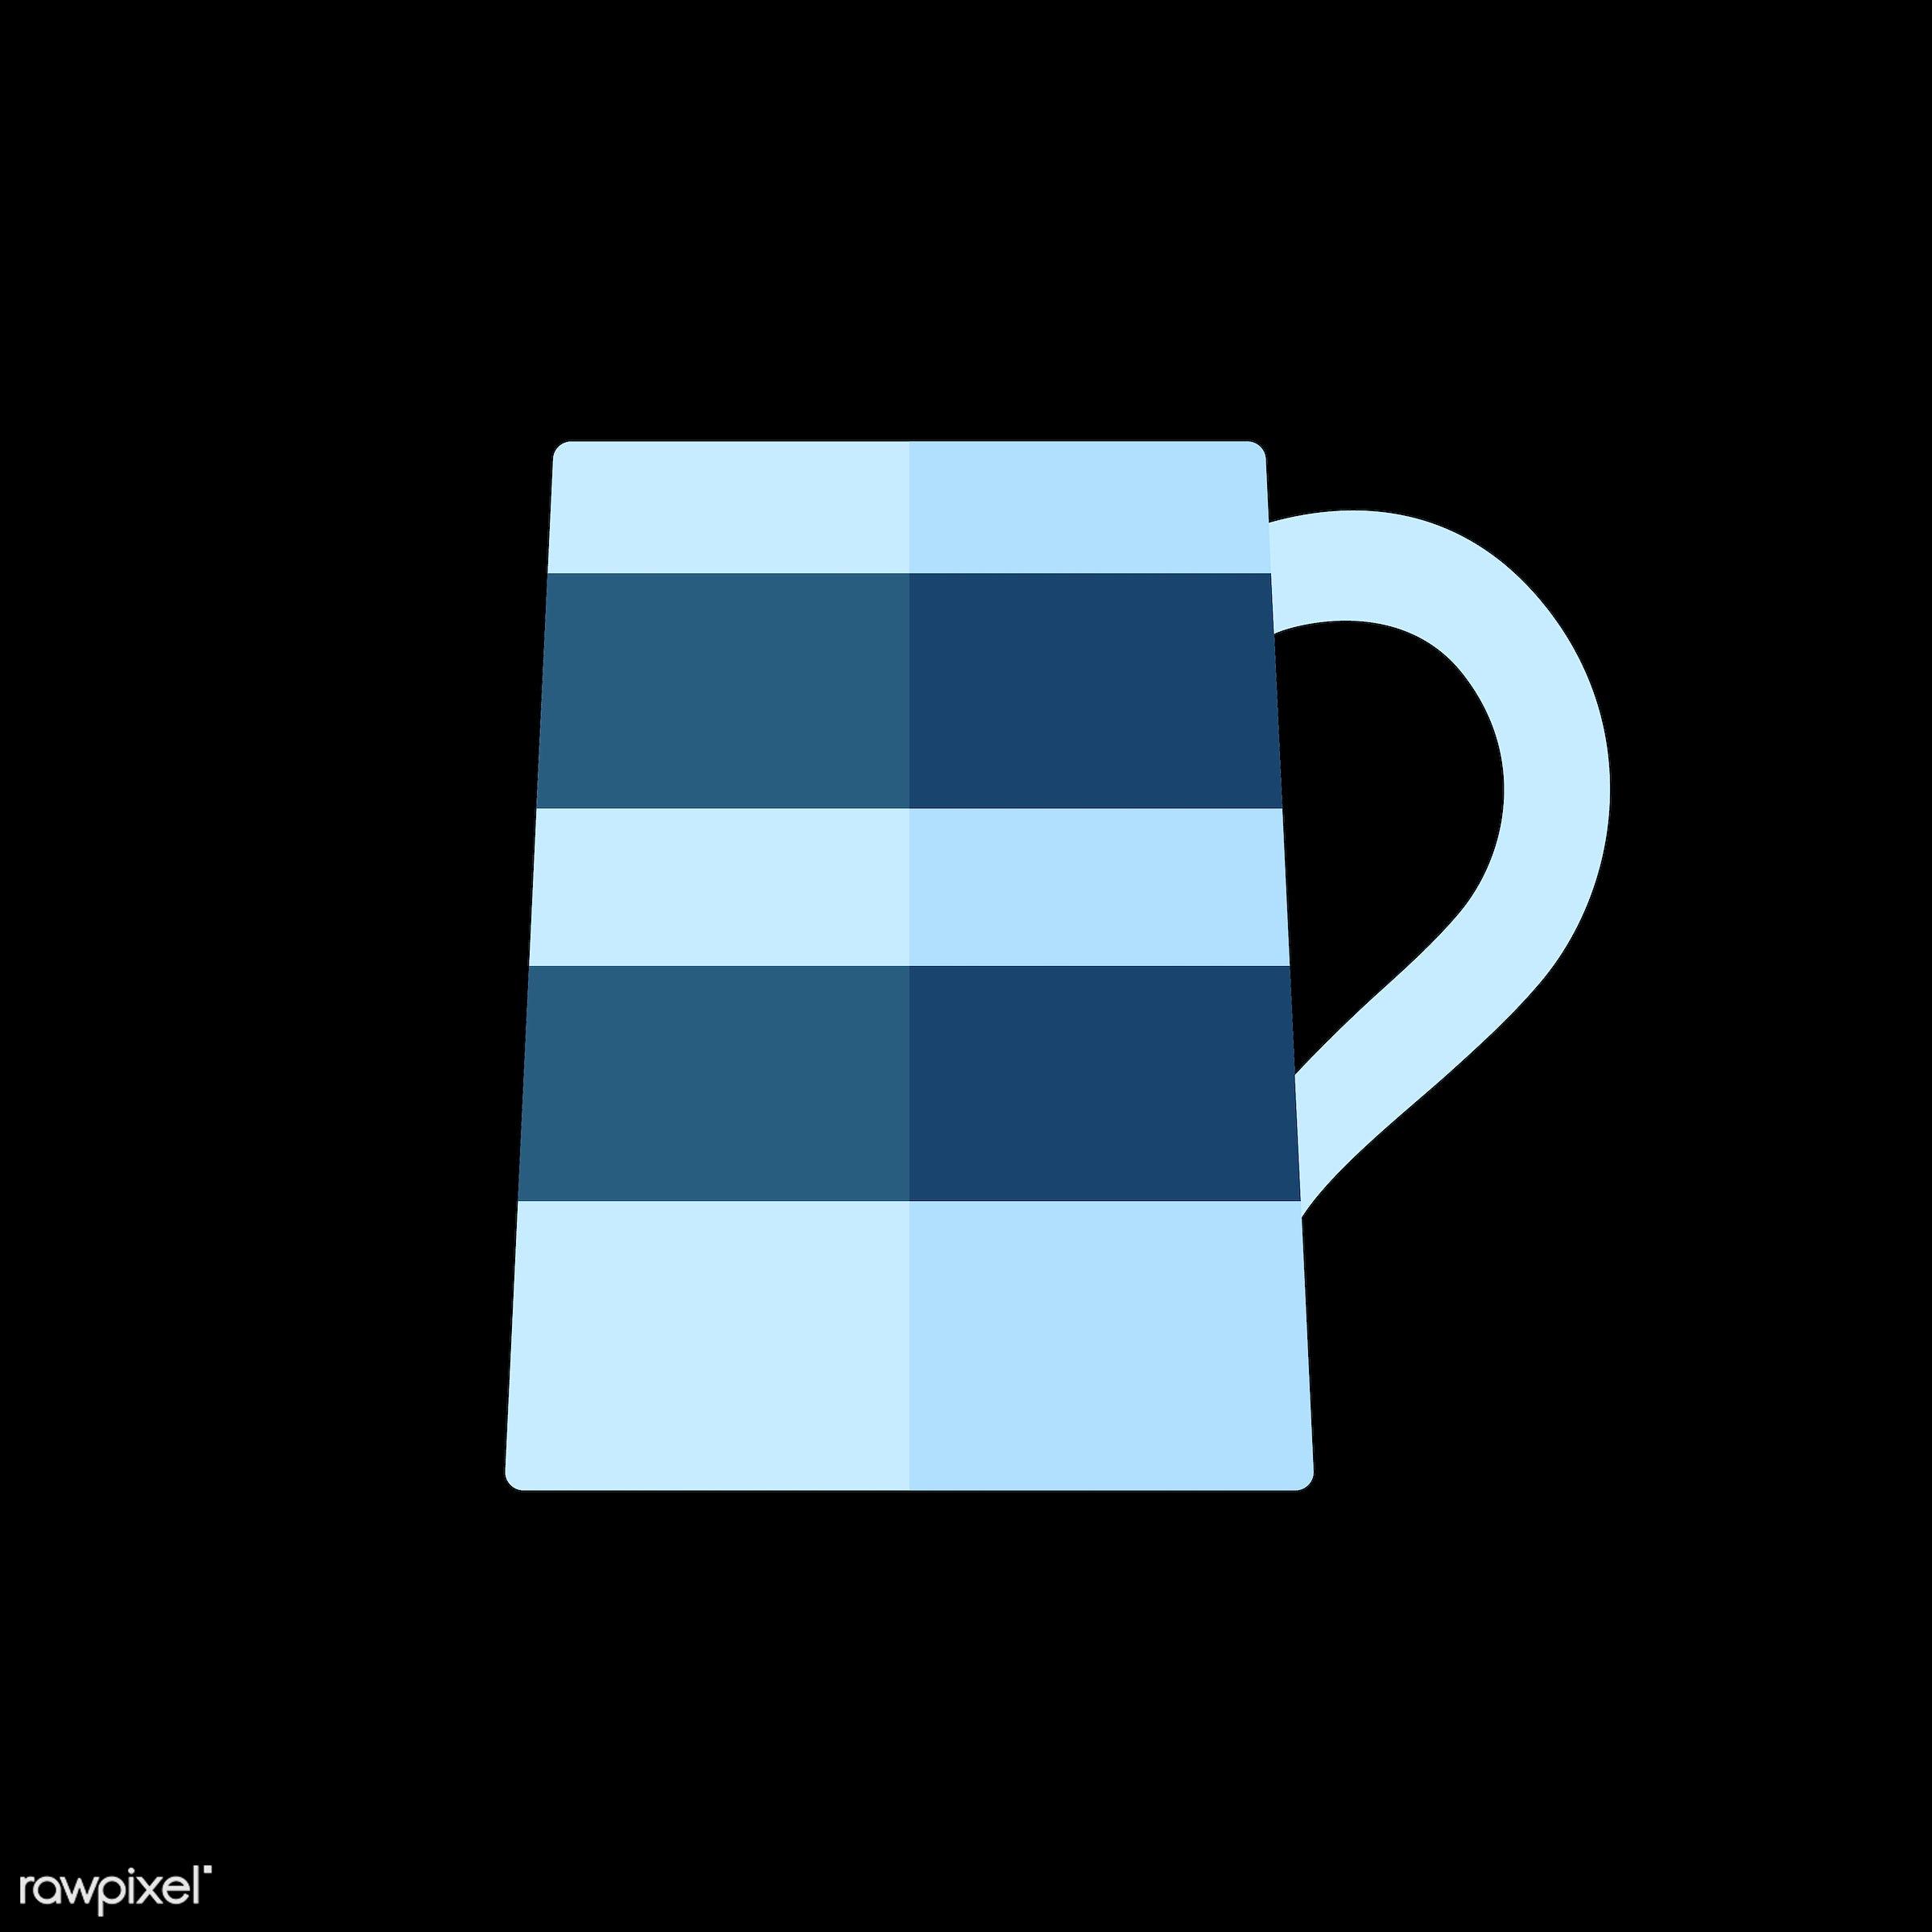 Jug of beer vector - vector, graphic, illustration, icon, symbol, colorful, cute, mug, tea, tea cup, hot drink, drink,...